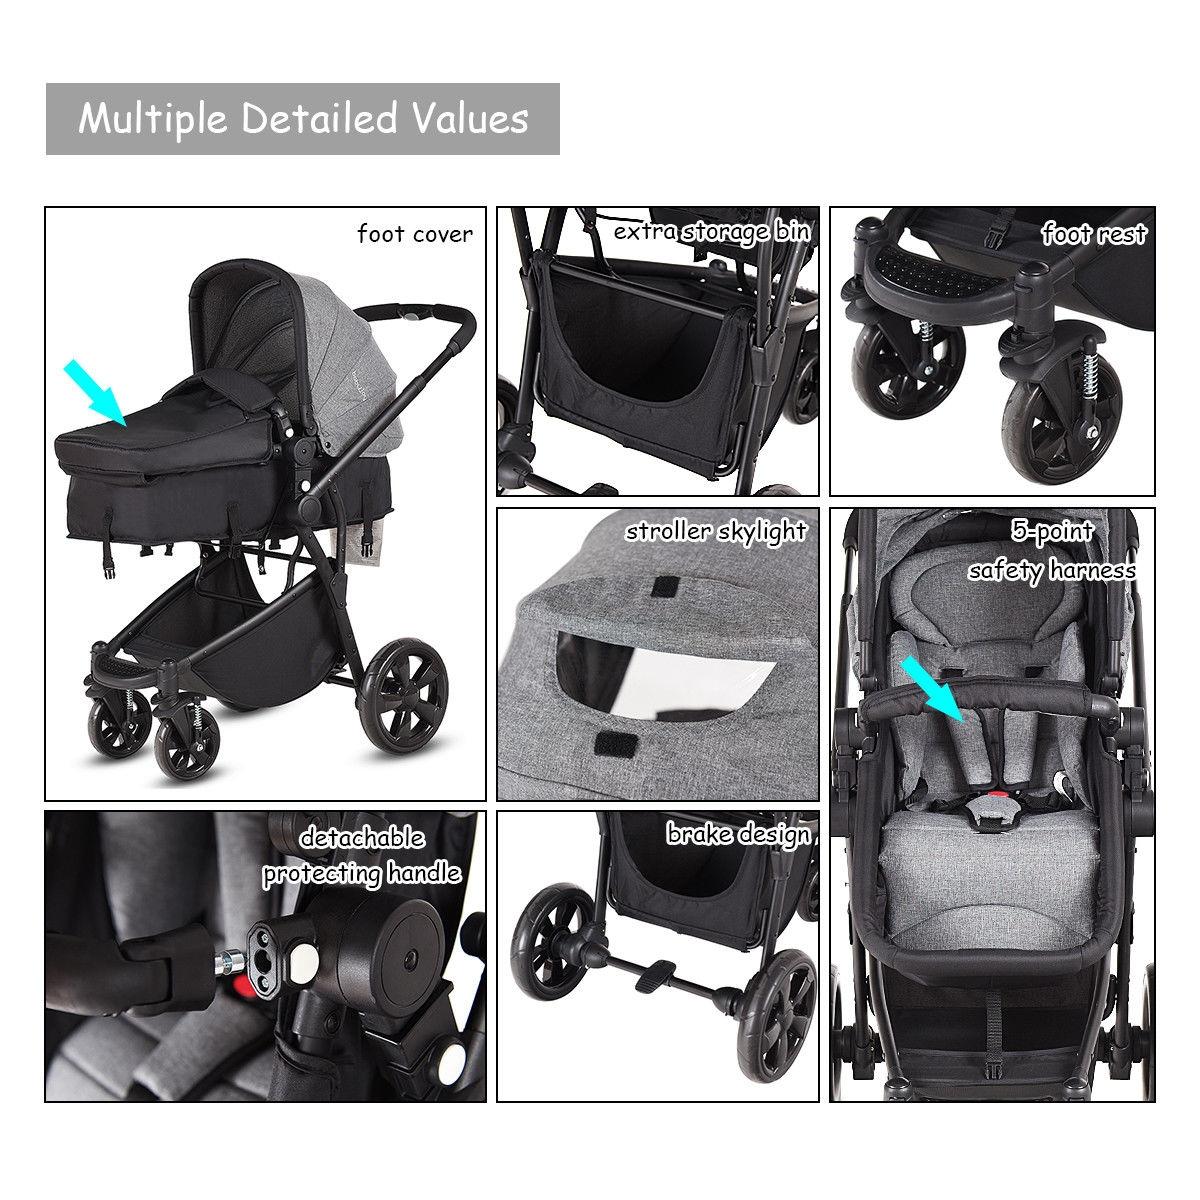 2 in 1 Folding Aluminum Buggy Newborn Travel Baby Stroller